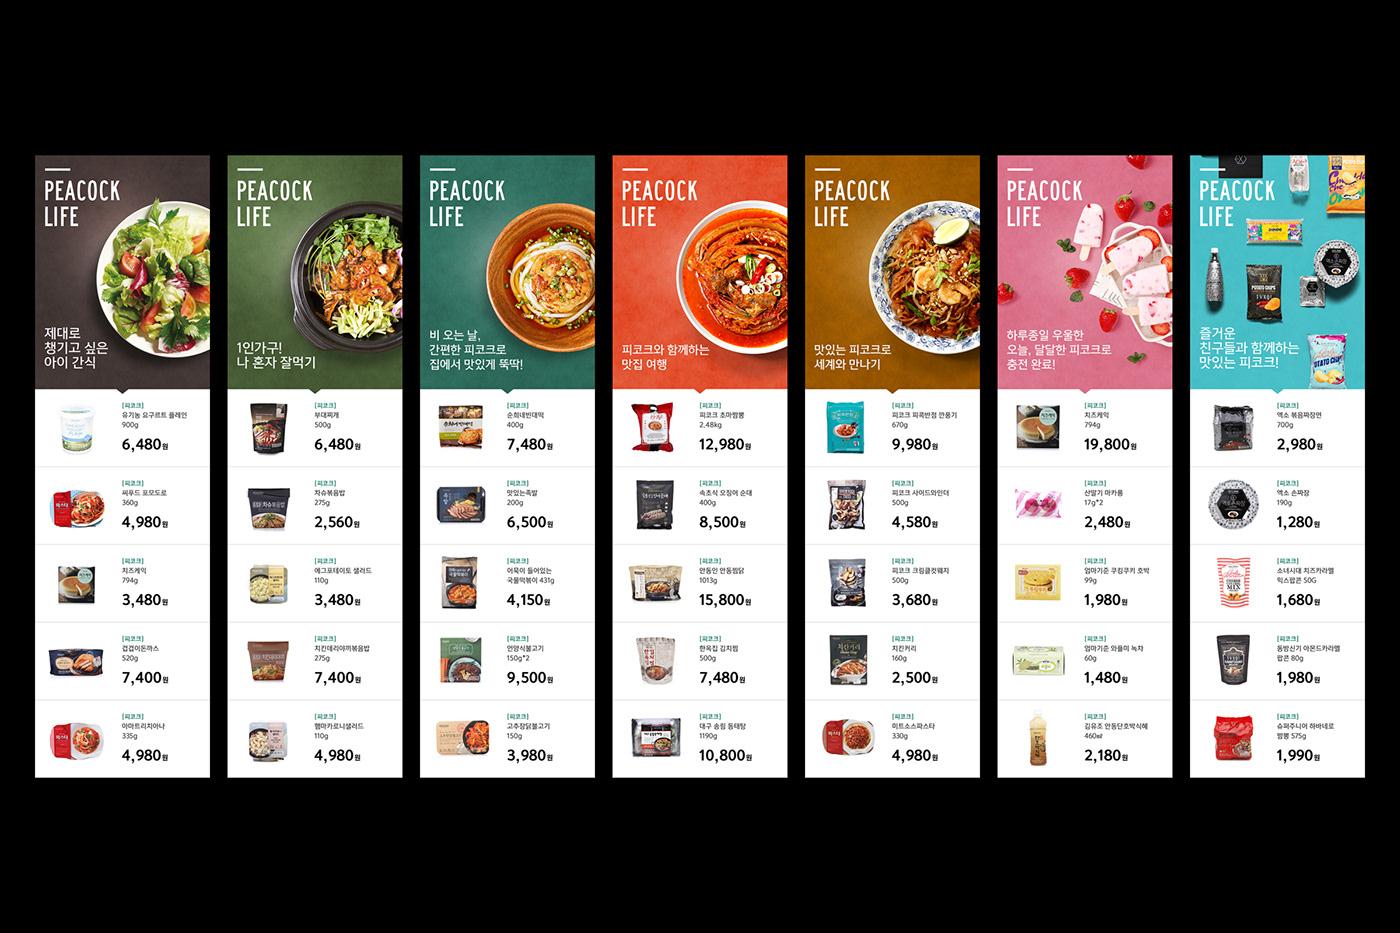 Image may contain: menu and food